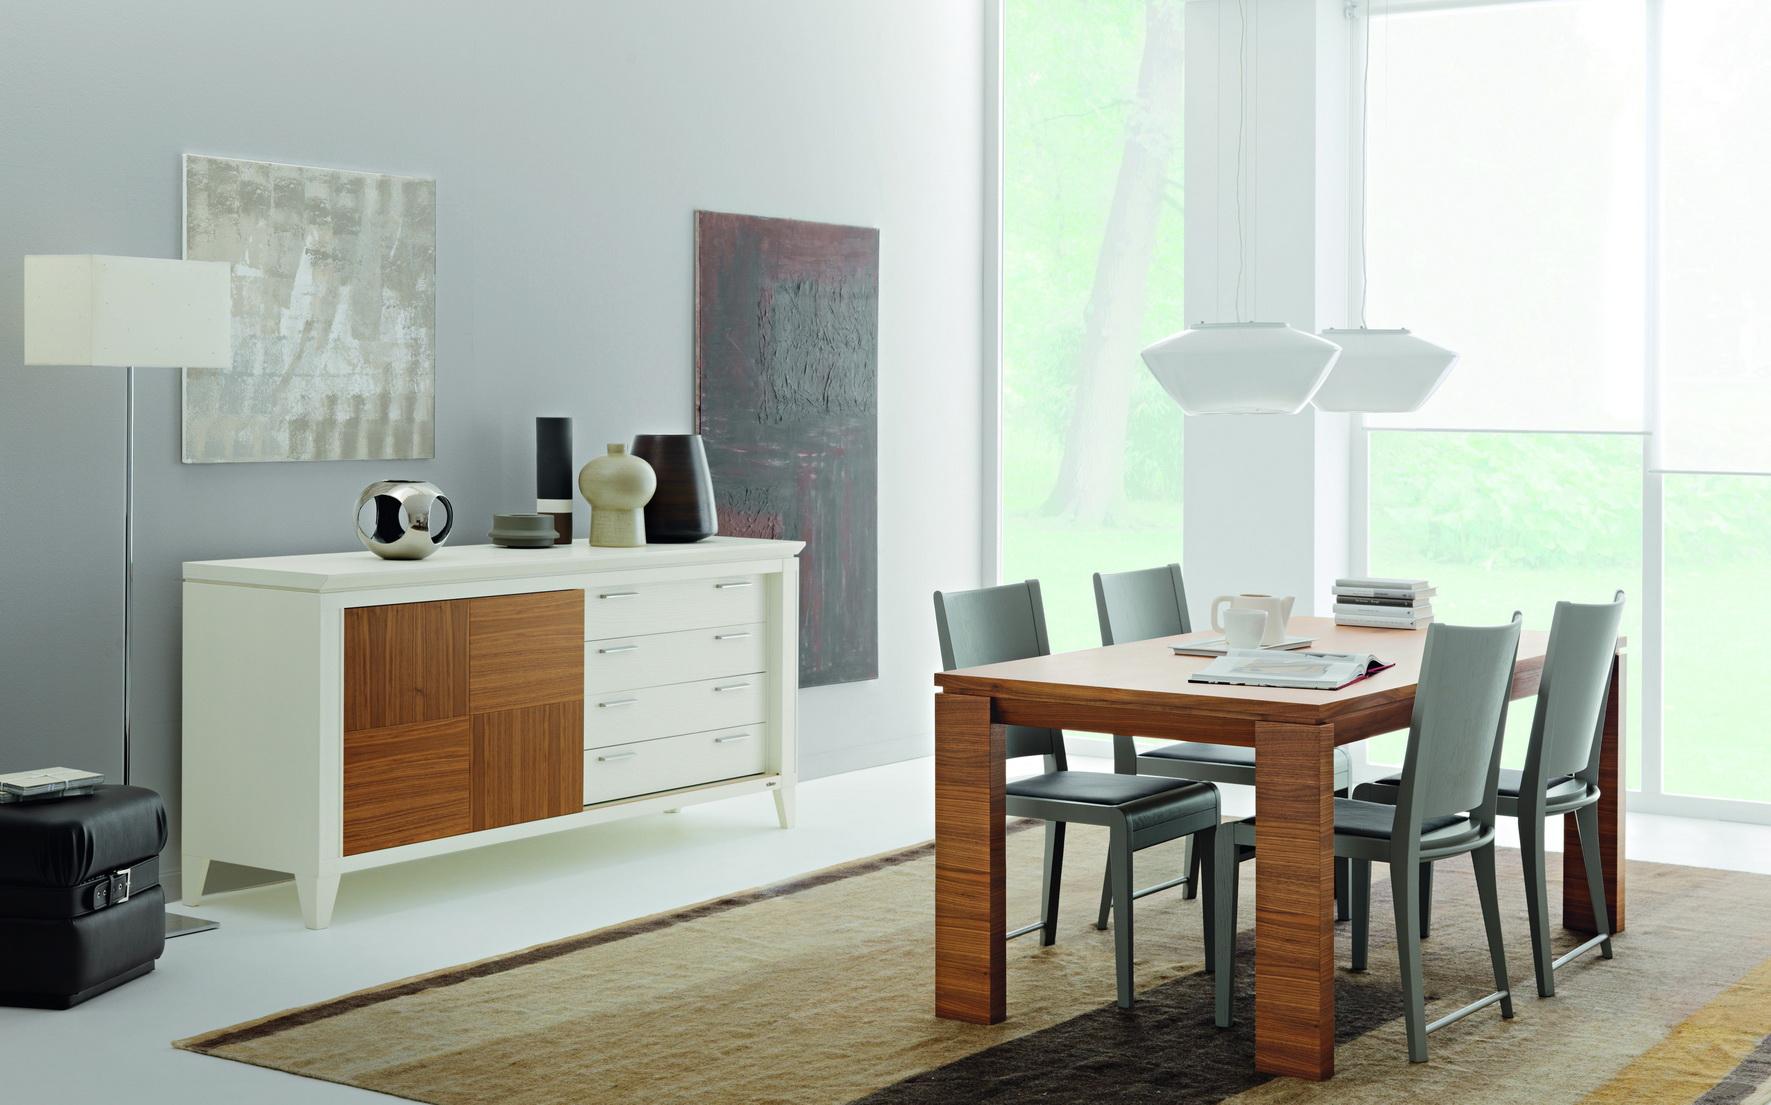 Tavolo e sedie lf10066 c4 home arredamenti cosenza for C4 arredamenti